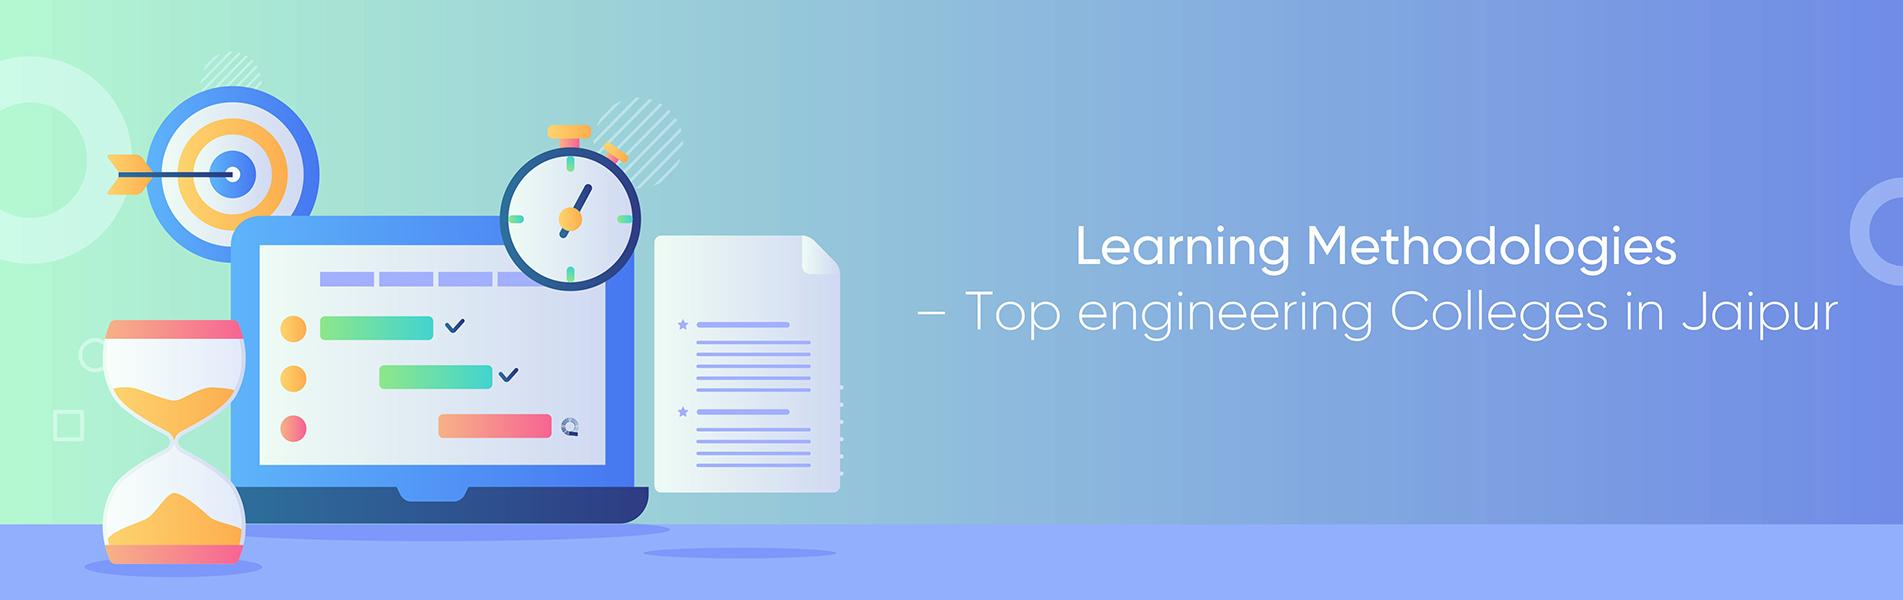 Learning methodologies, top engineering colleges in Jaipur